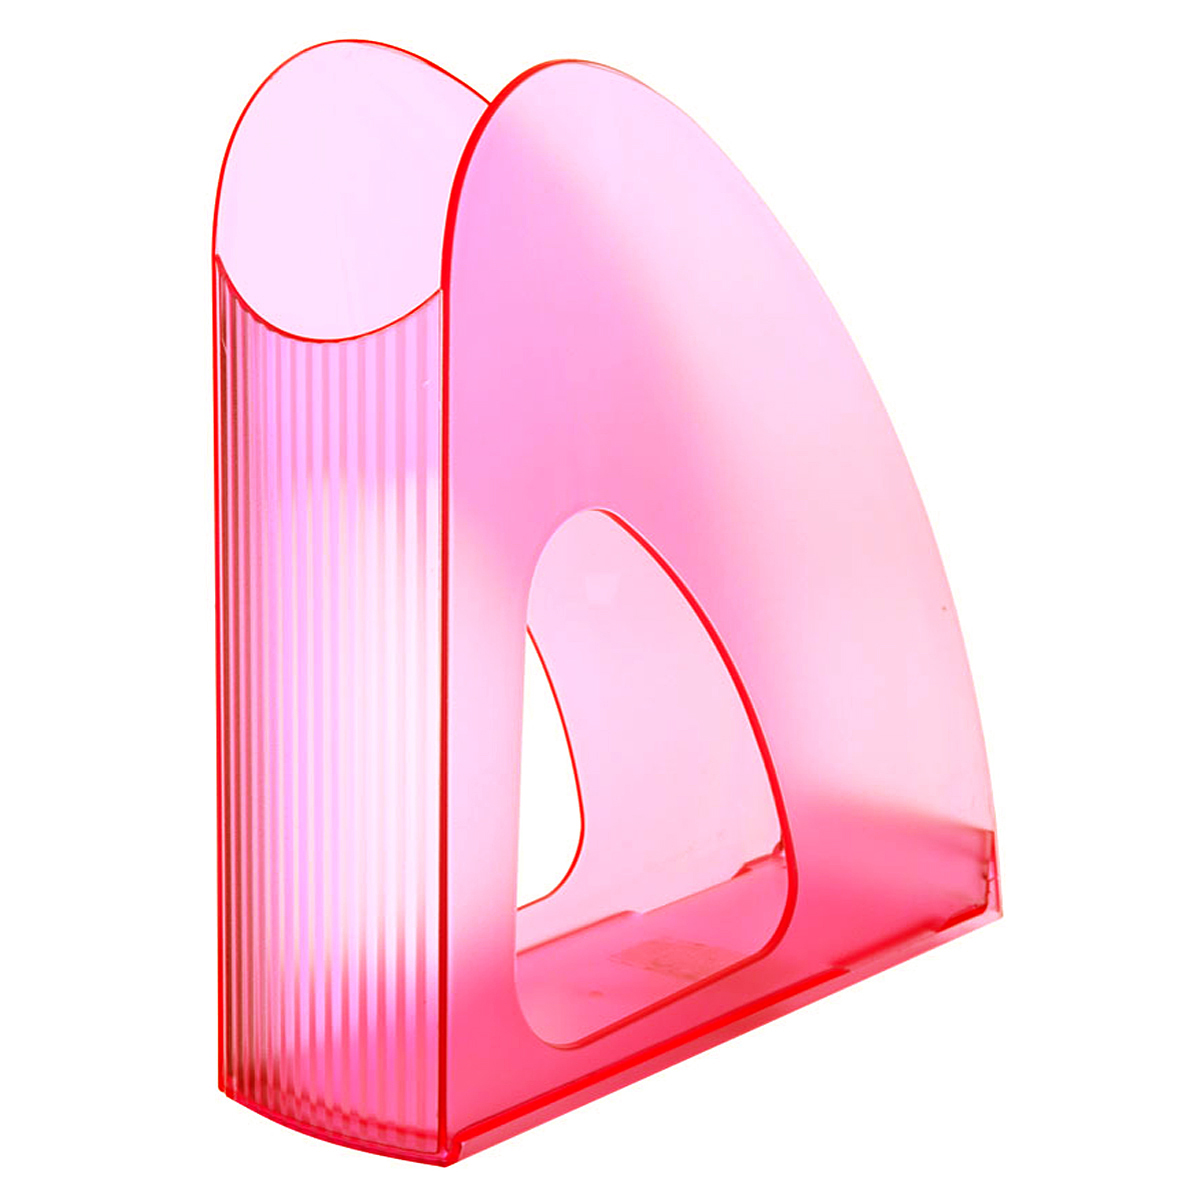 Лоток для бумаг вертикальный HAN Twin Signal, прозрачный, цвет: розовыйFS-00103Вертикальный лоток для бумаг HAN Twin Signal с оригинальным дизайном корпуса поможет вам навести порядок на столе и сэкономить пространство. Лоток изготовлен из прозрачного антистатического пластика яркого цвета. Низкий передний порог облегчает изъятие документов из накопителя.Благодаря лотку для бумаг, важные бумаги и документы всегда будут под рукой.